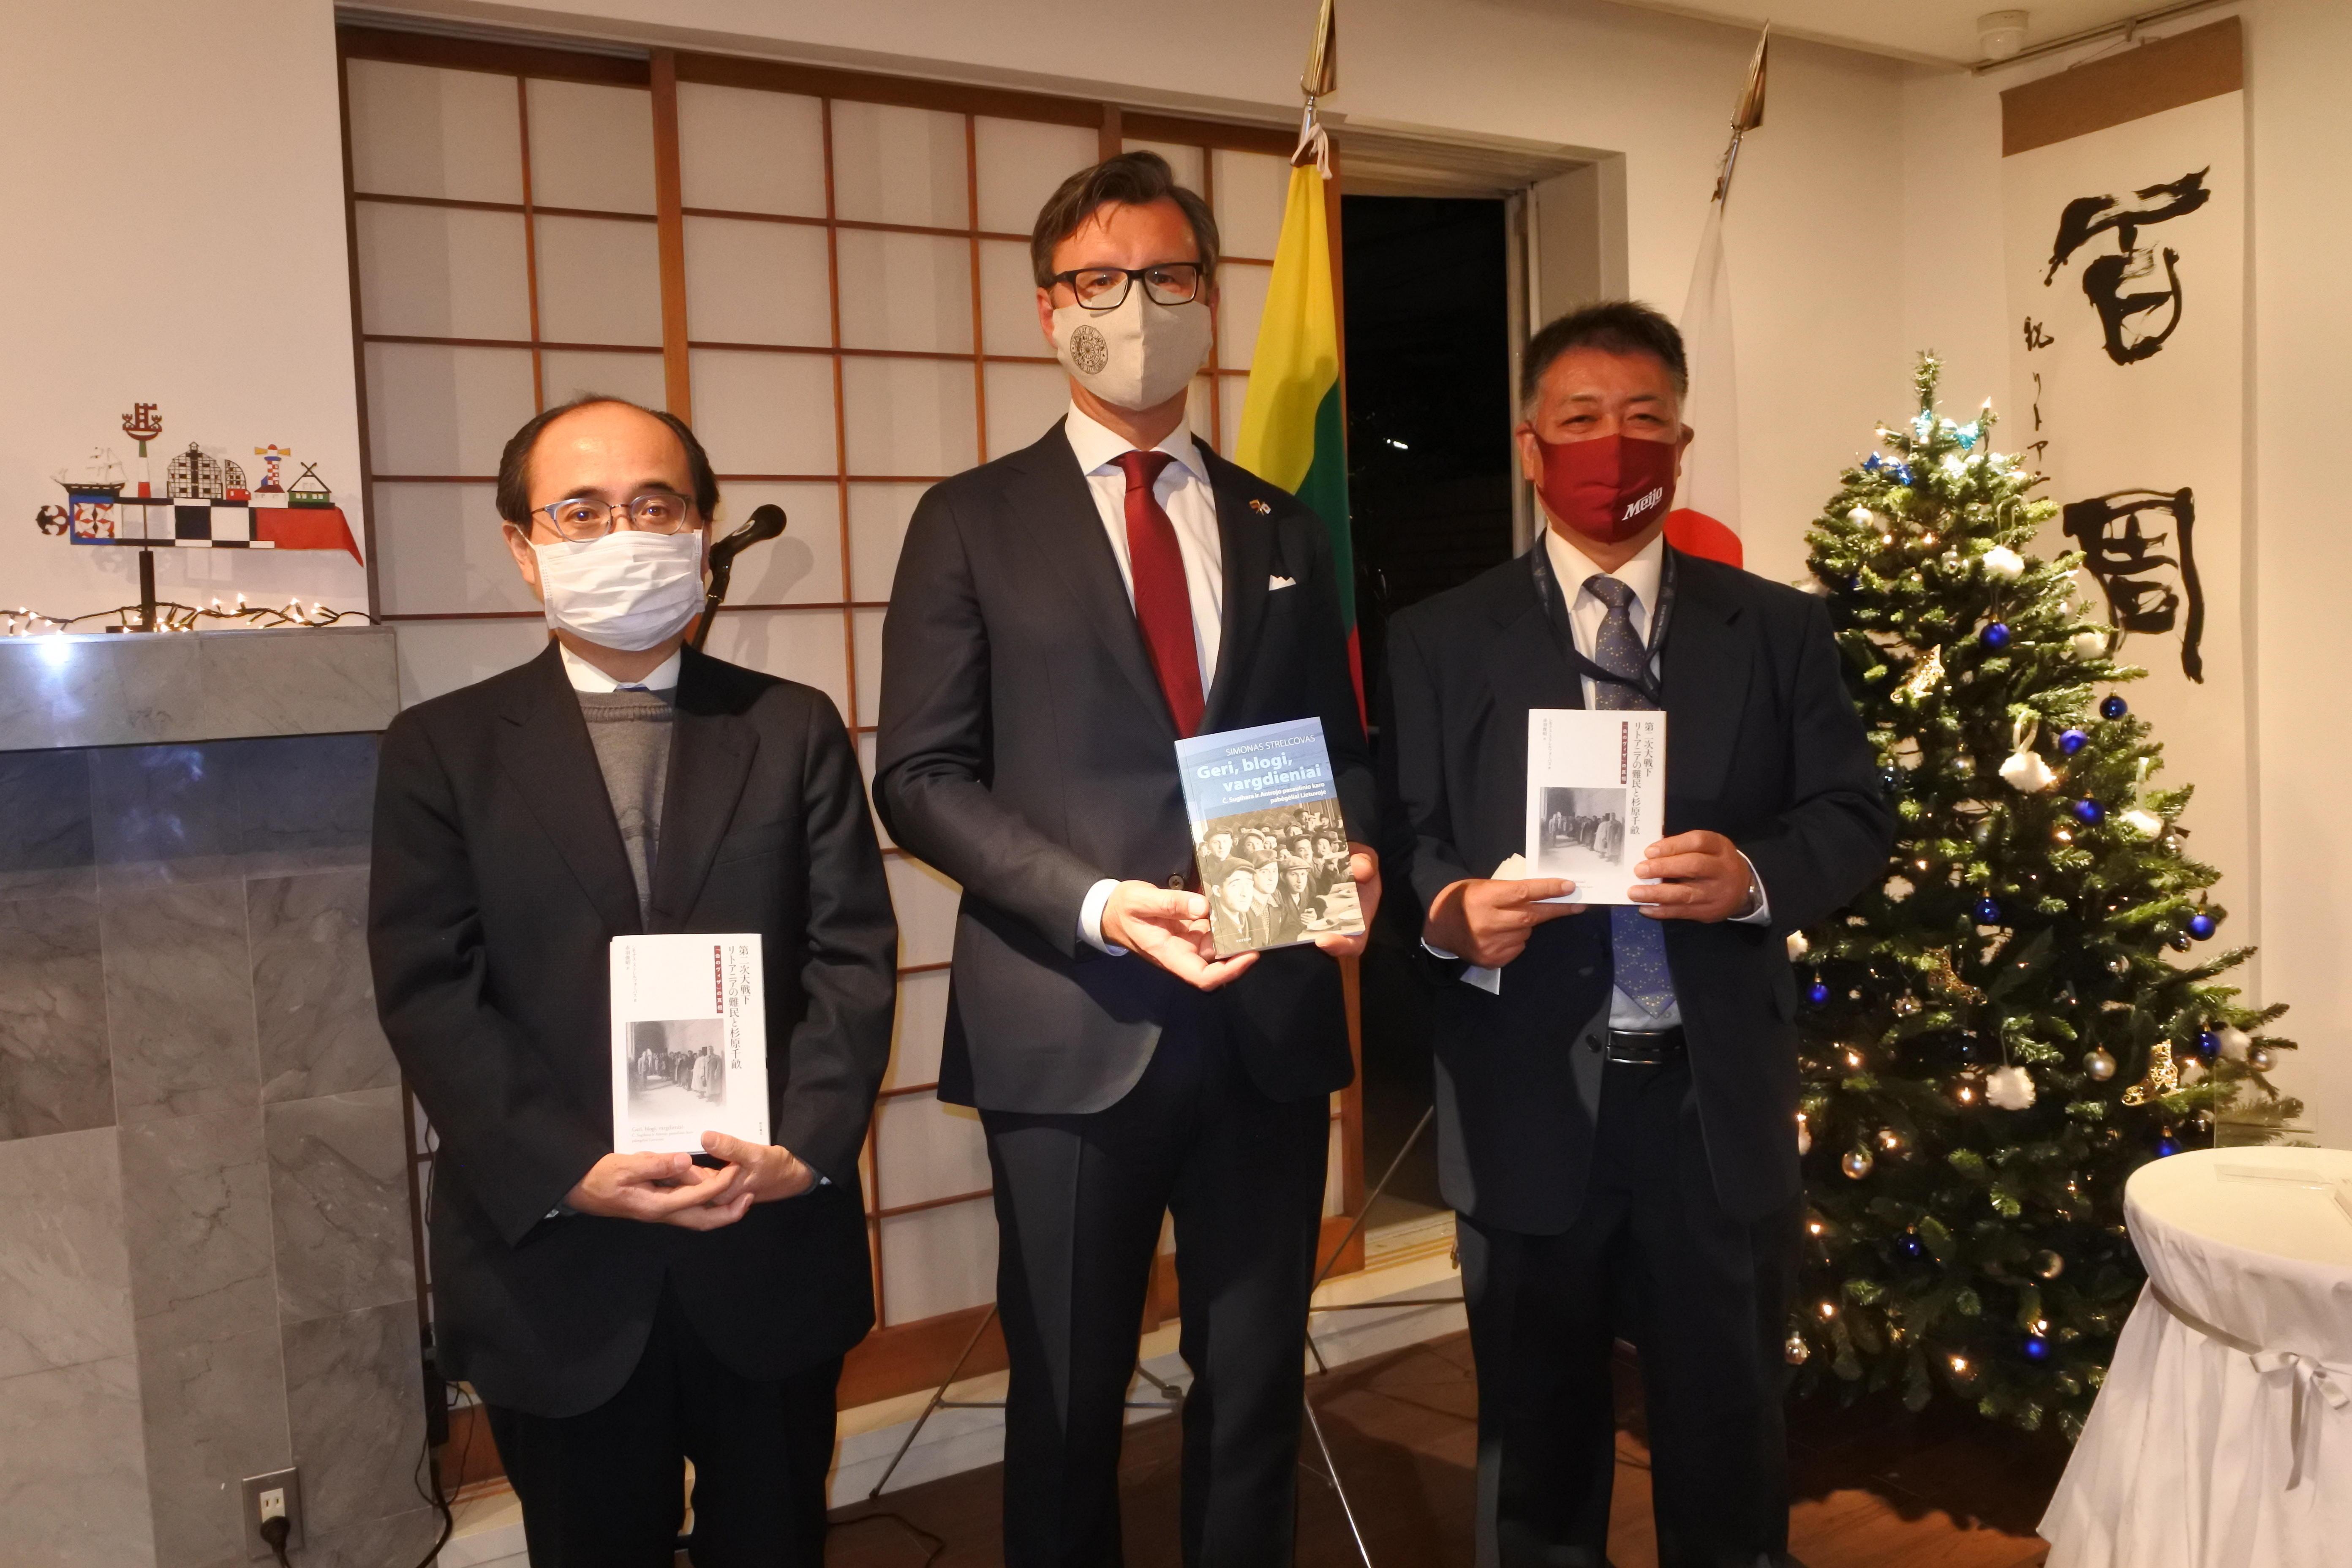 記念写真に納まる(左から)稲葉教授、バルブオリス大使、赤羽研究員